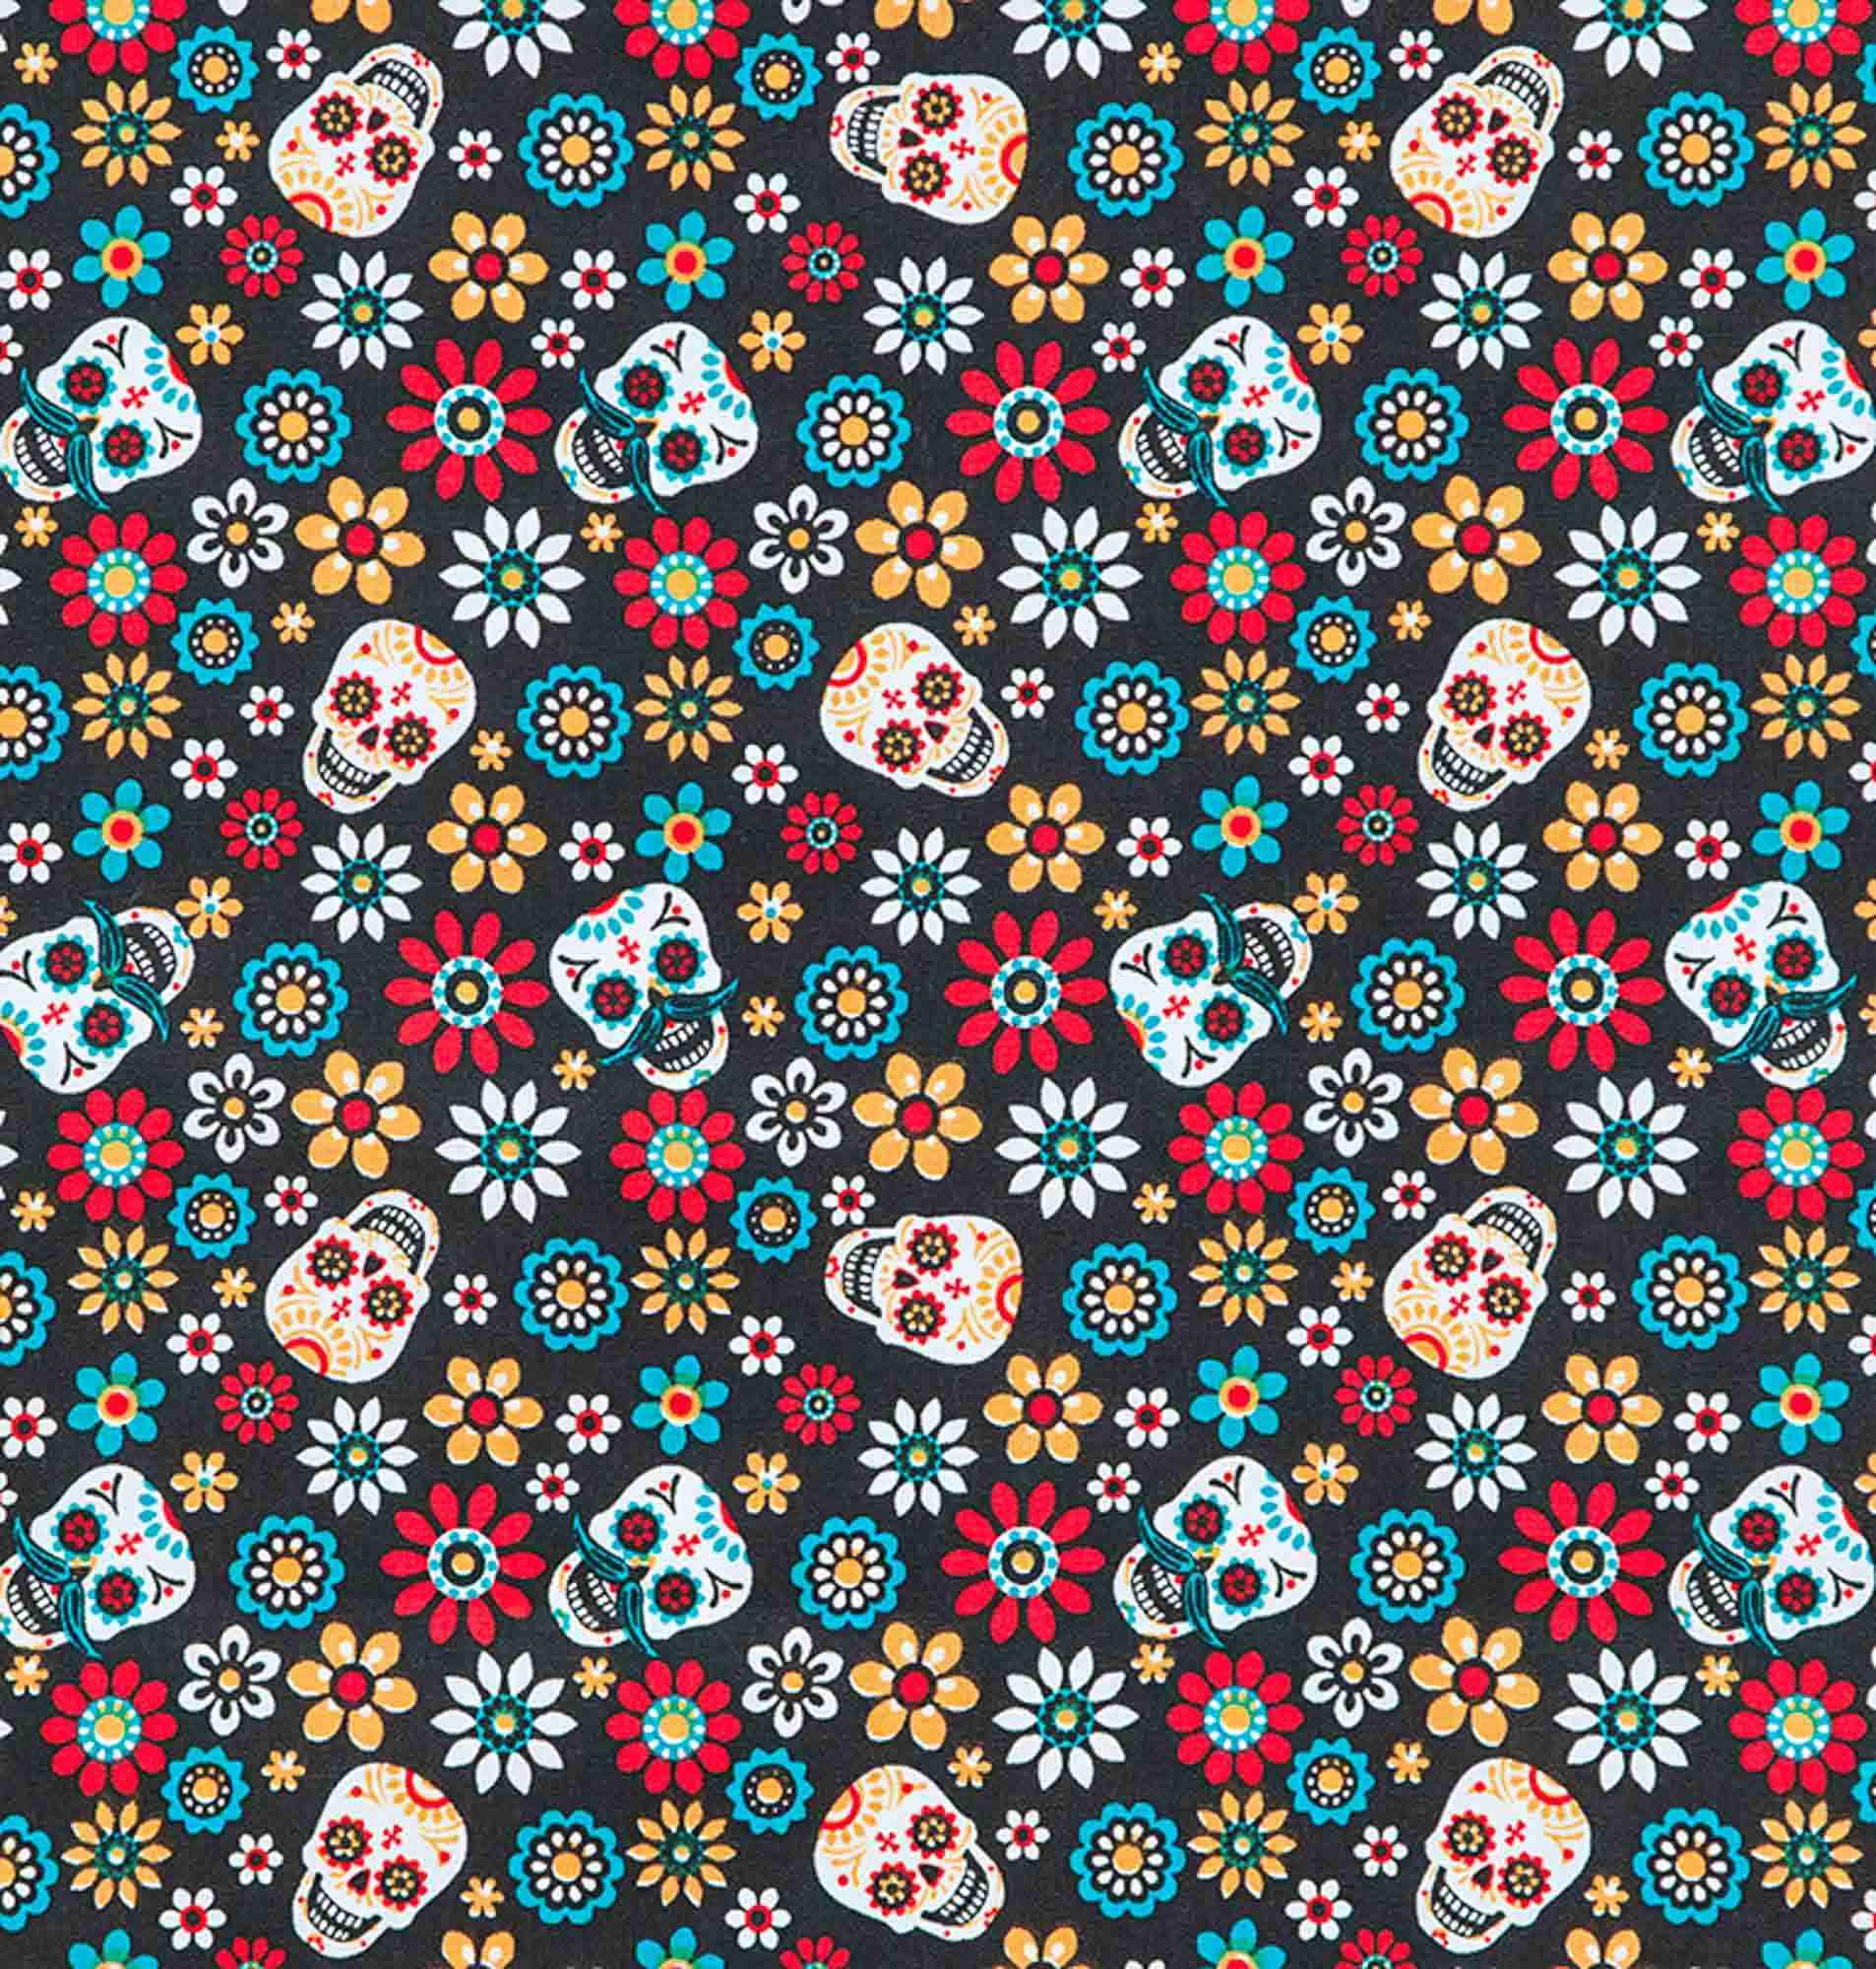 Tecido tricoline estampado dohler 100% algodão caveira colorida